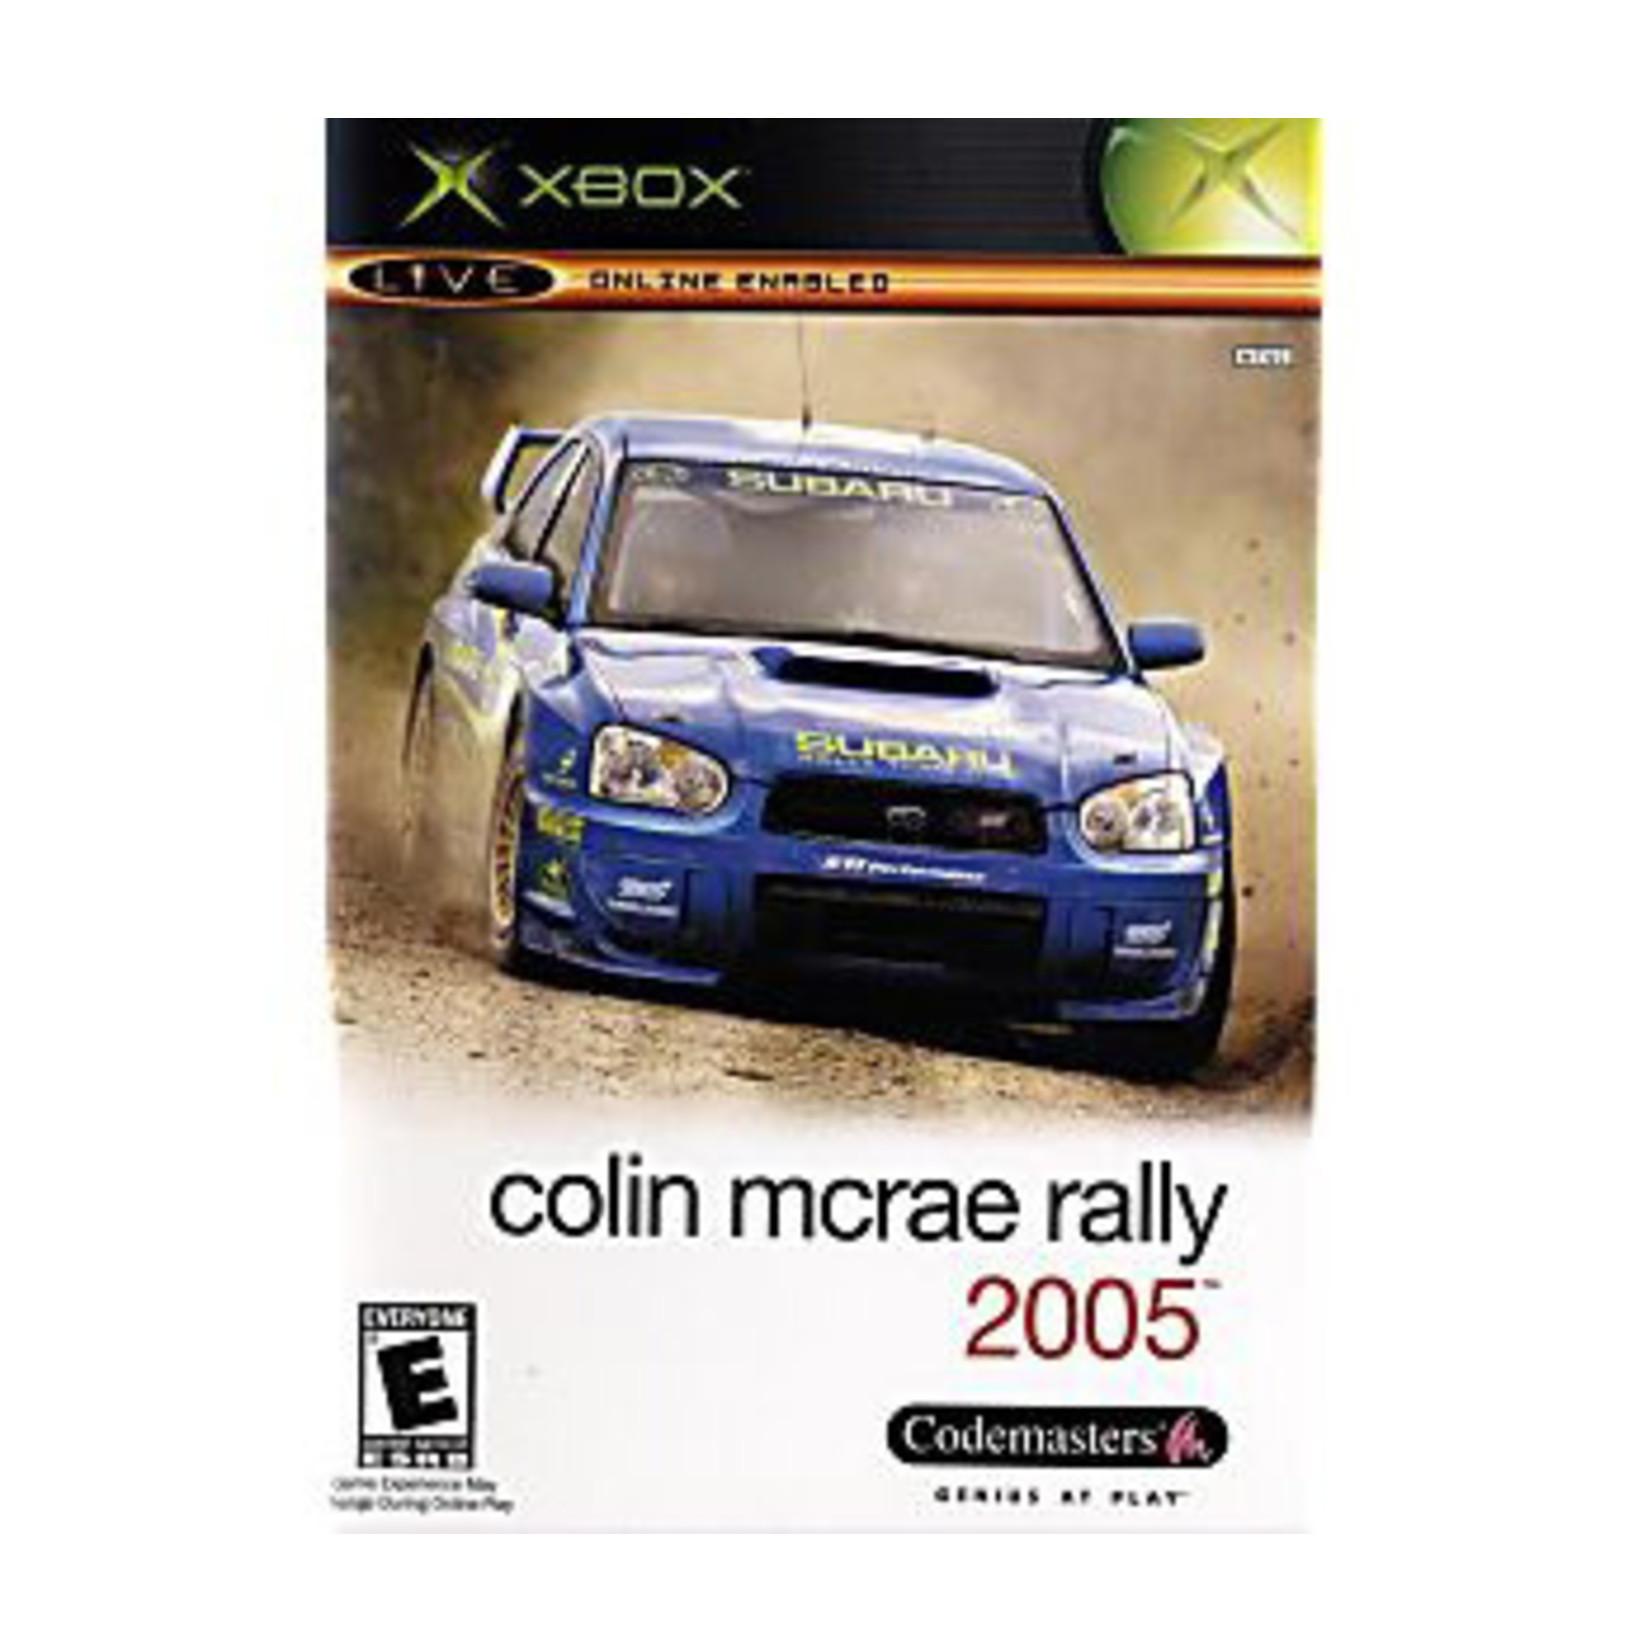 XBU-COLIN MCRAE RALLY 2005